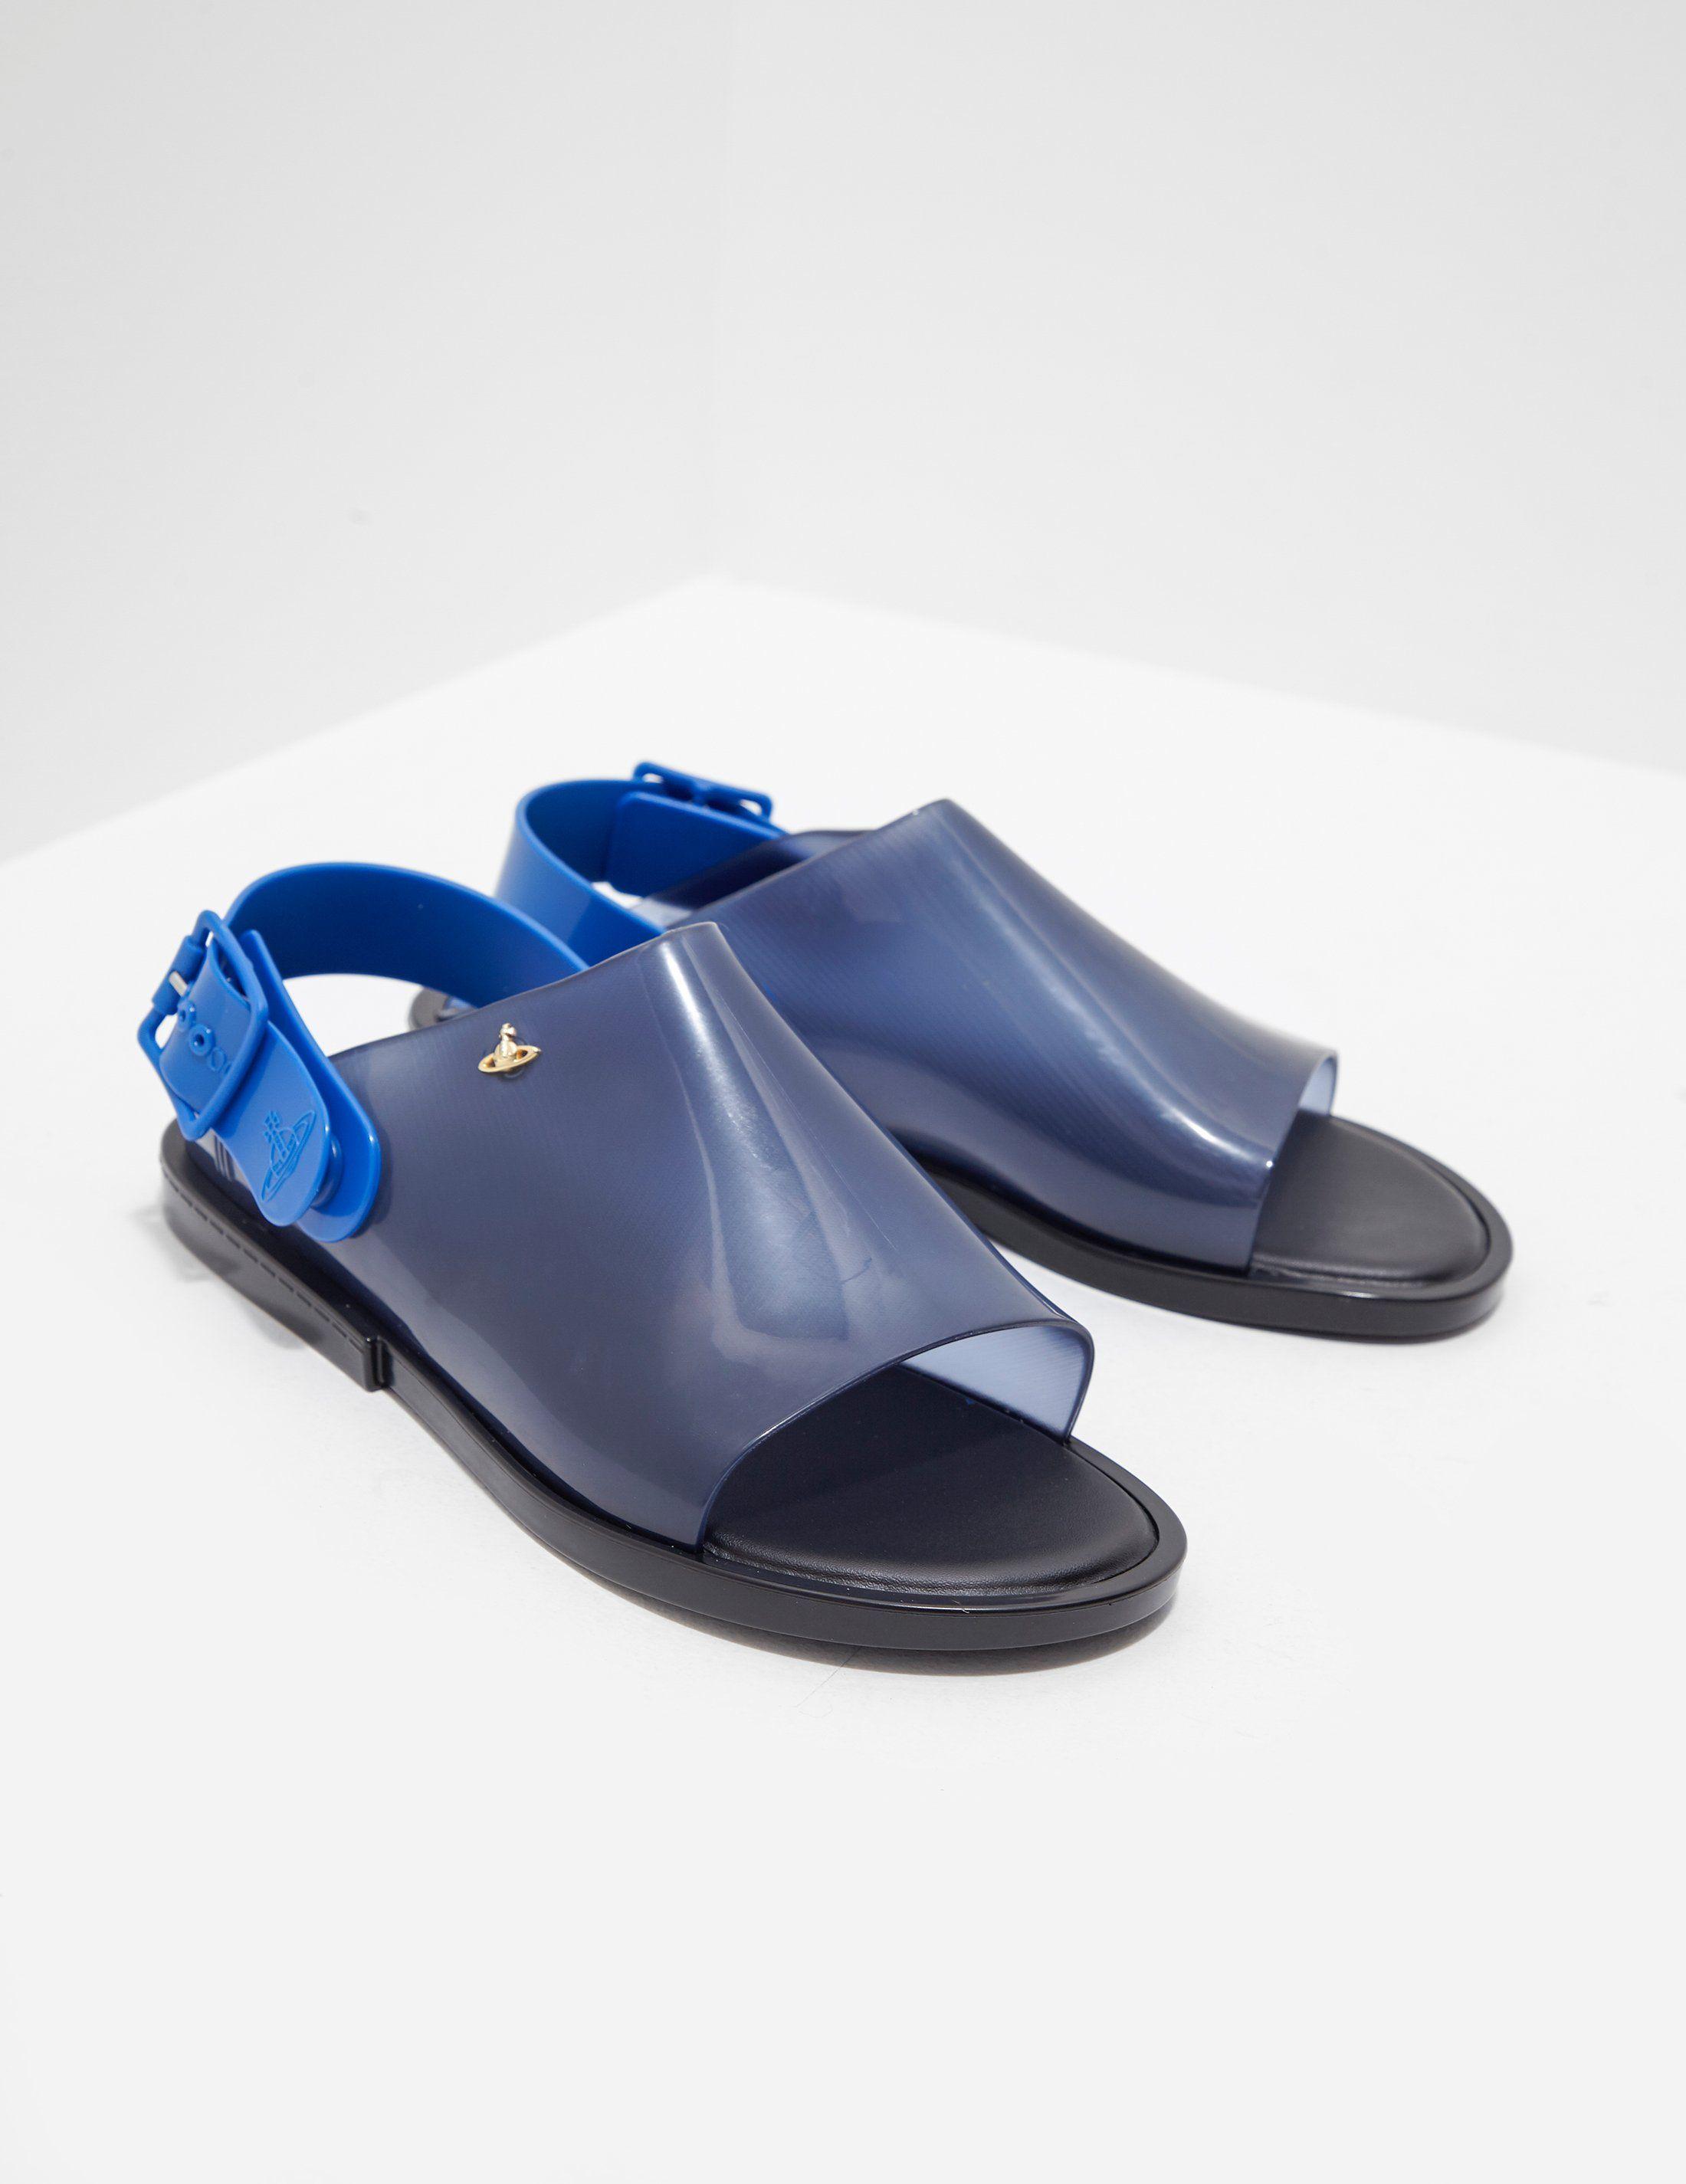 Melissa x Vivienne Westwood Twist Sandals